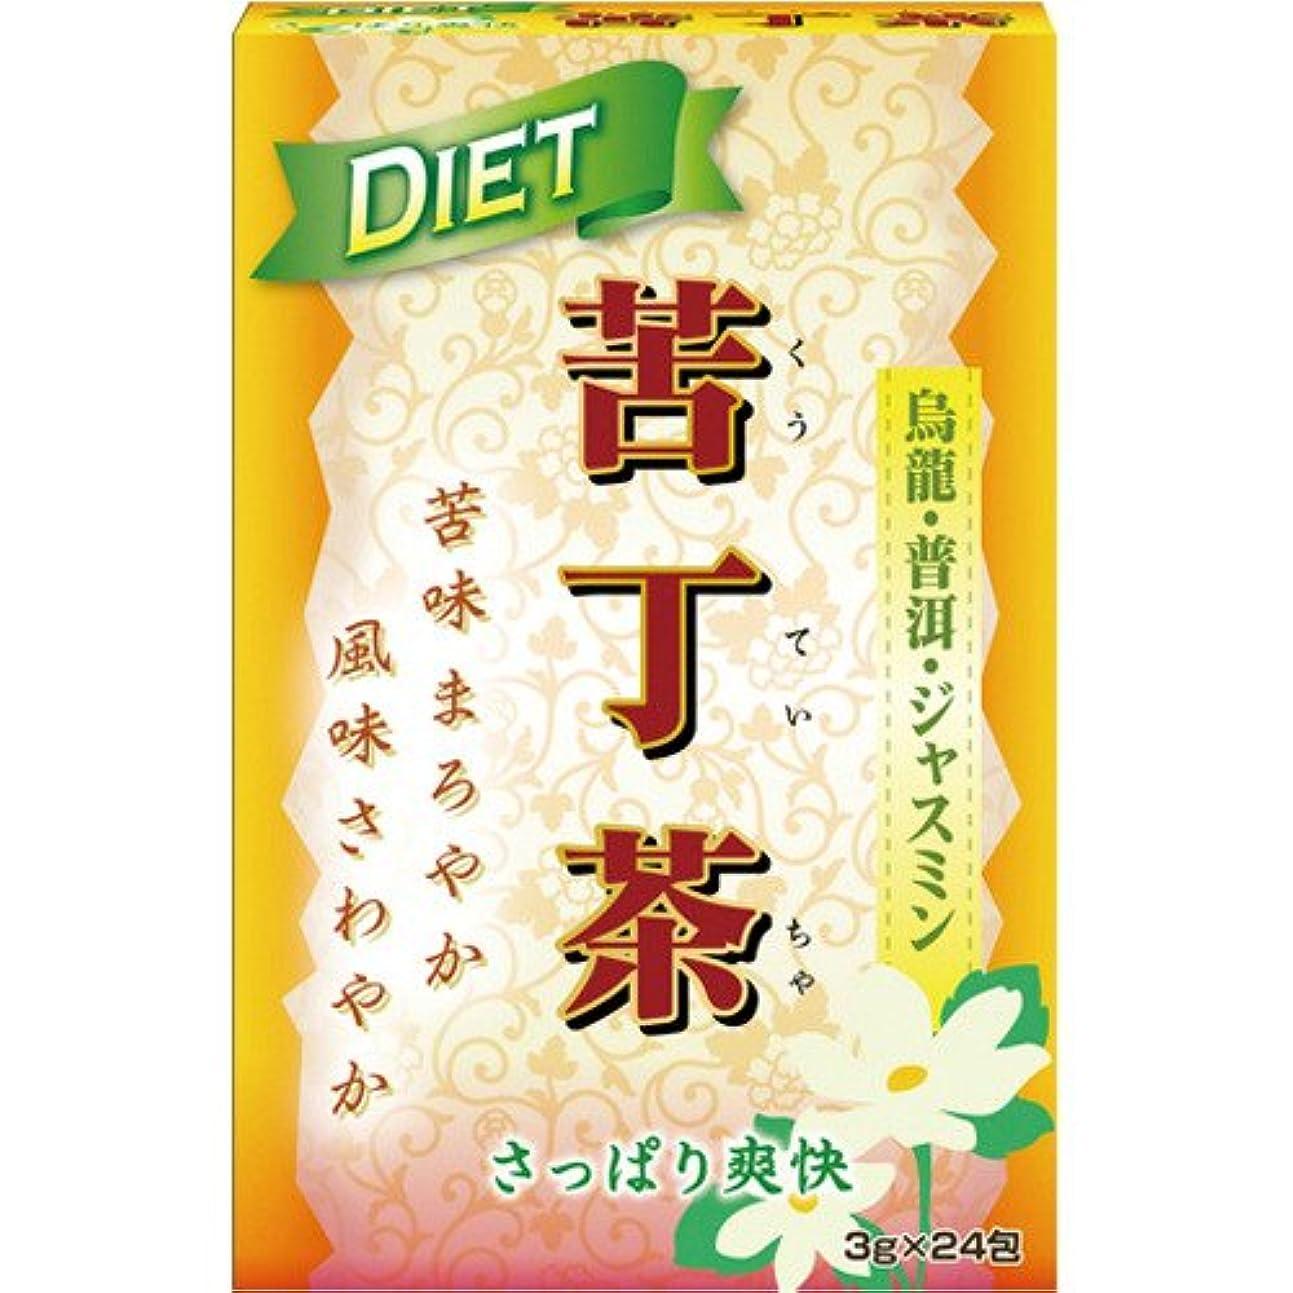 腹部マーク漁師ダイエット苦丁茶 3g×24包